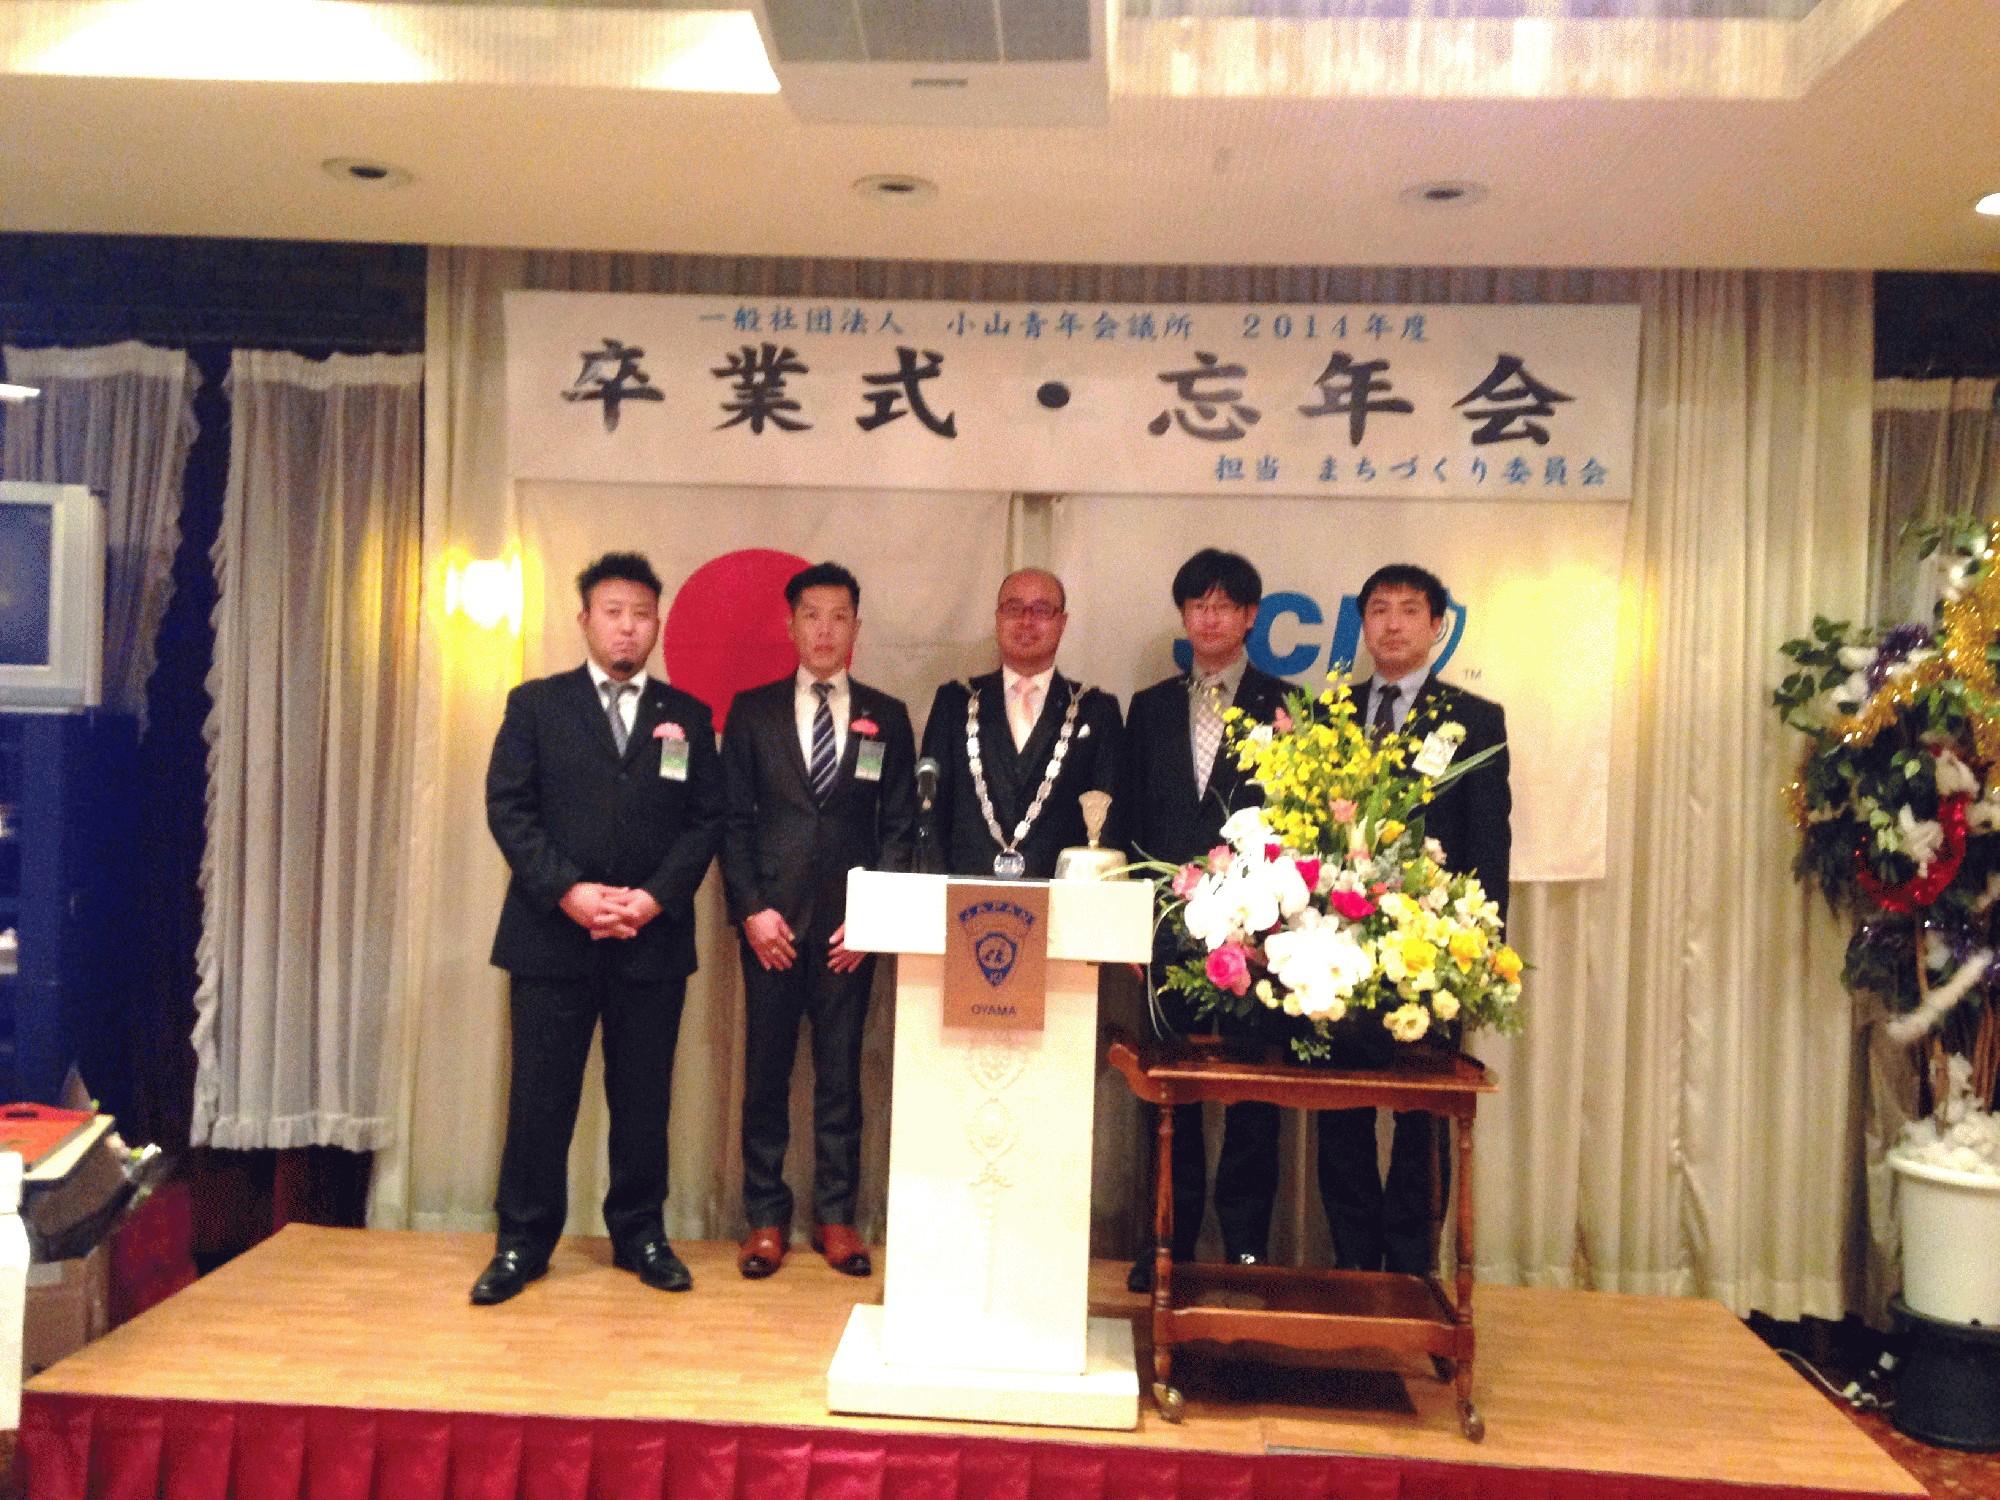 2014年度卒業式・忘年会が開催されました。